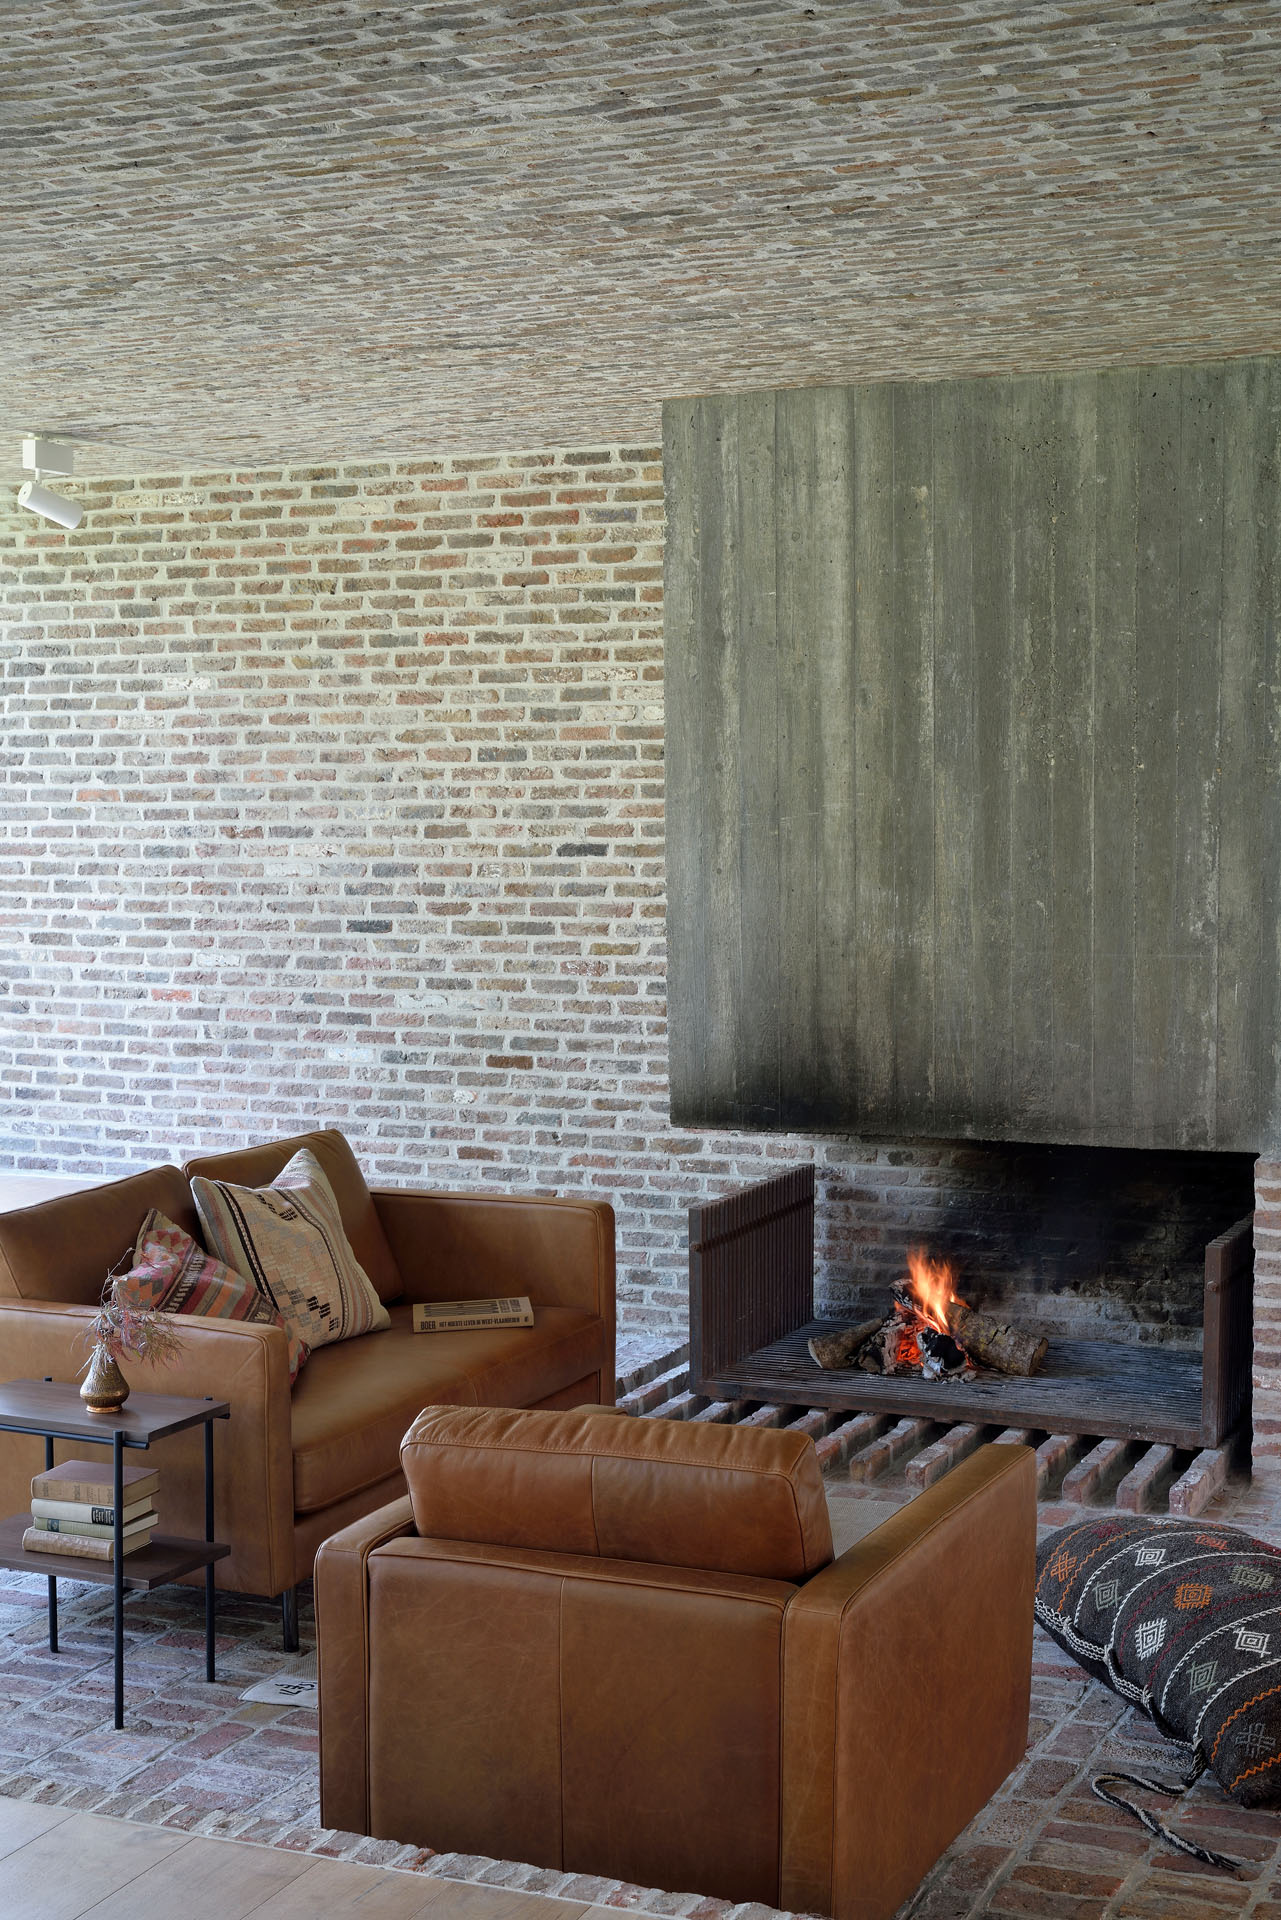 20219-20220-N501-sofa-40128-walnut-Rise-side-table-1.jpg